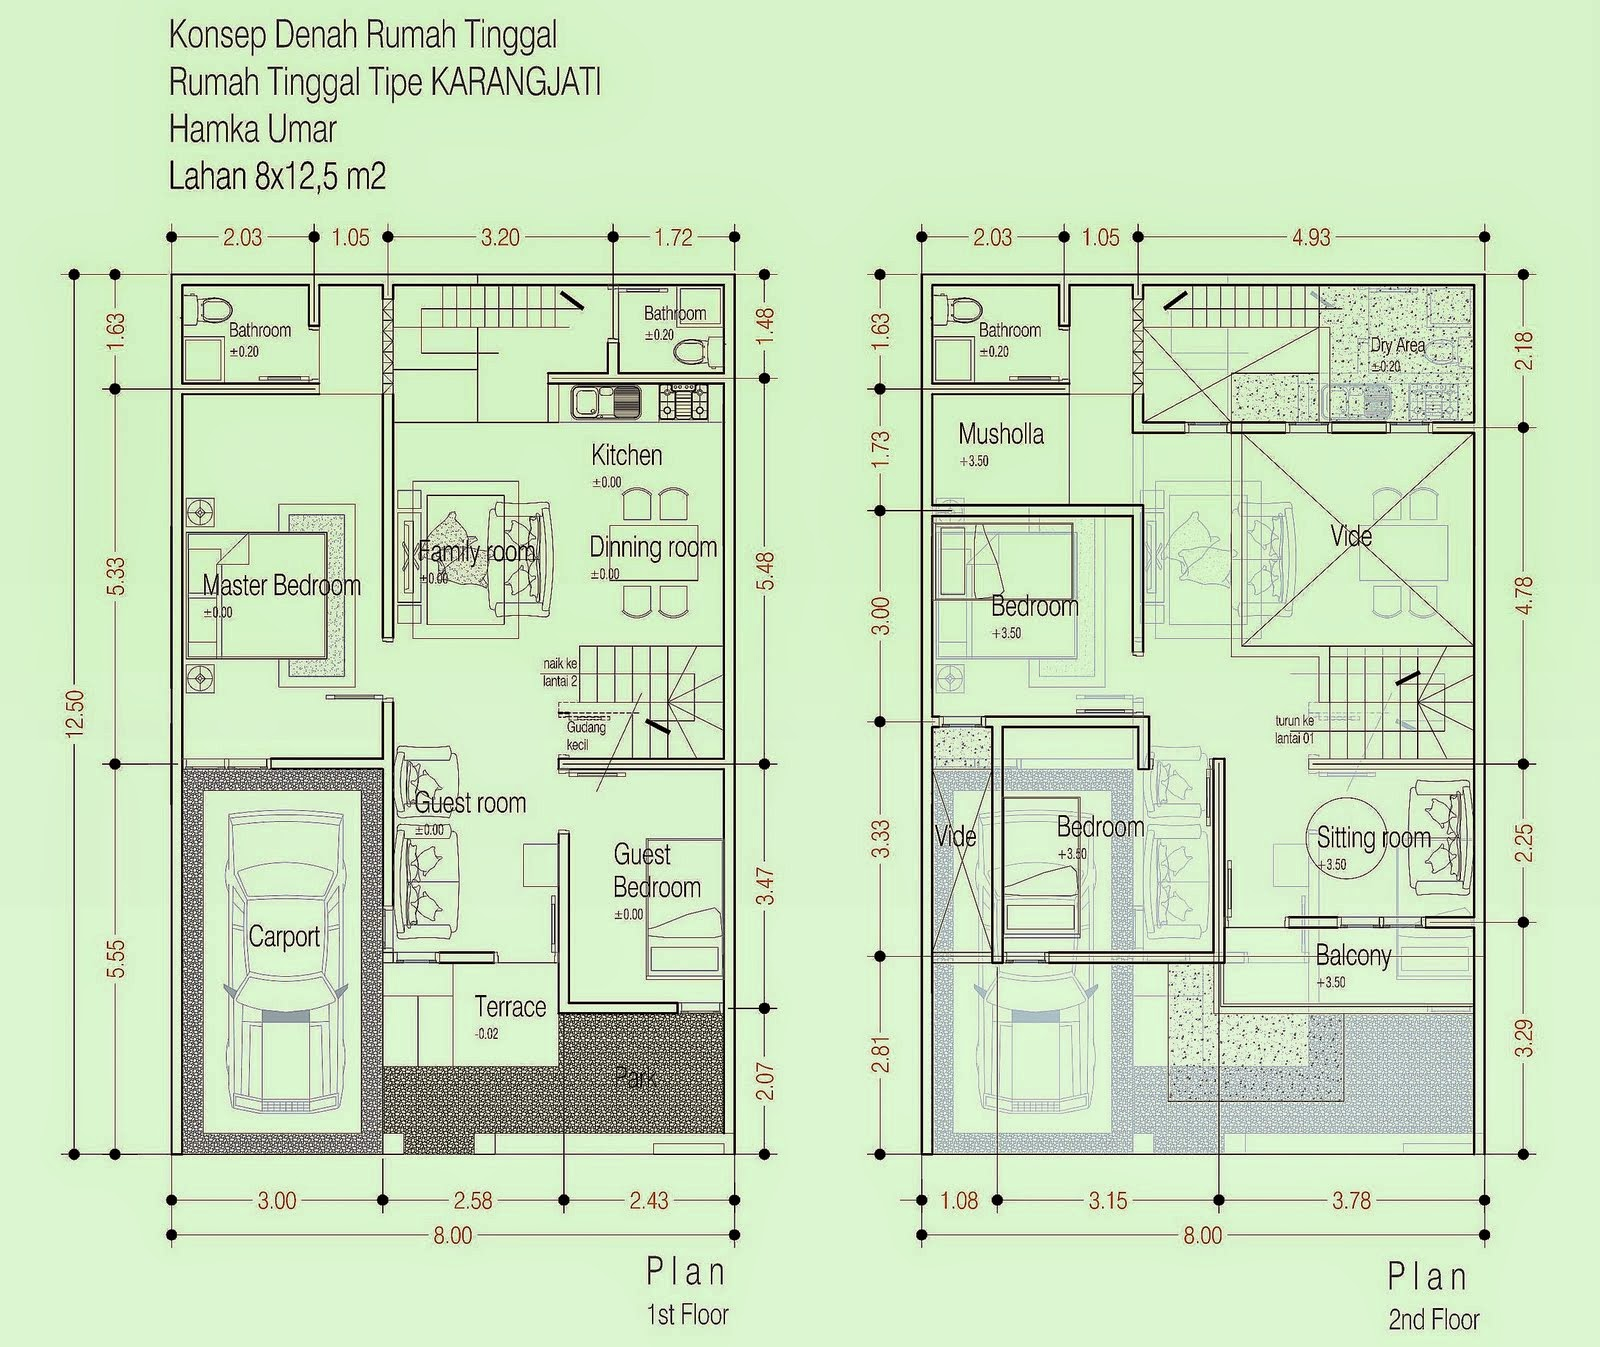 51+ Gambar Rumah 2 Lantai Dengan Void Gratis